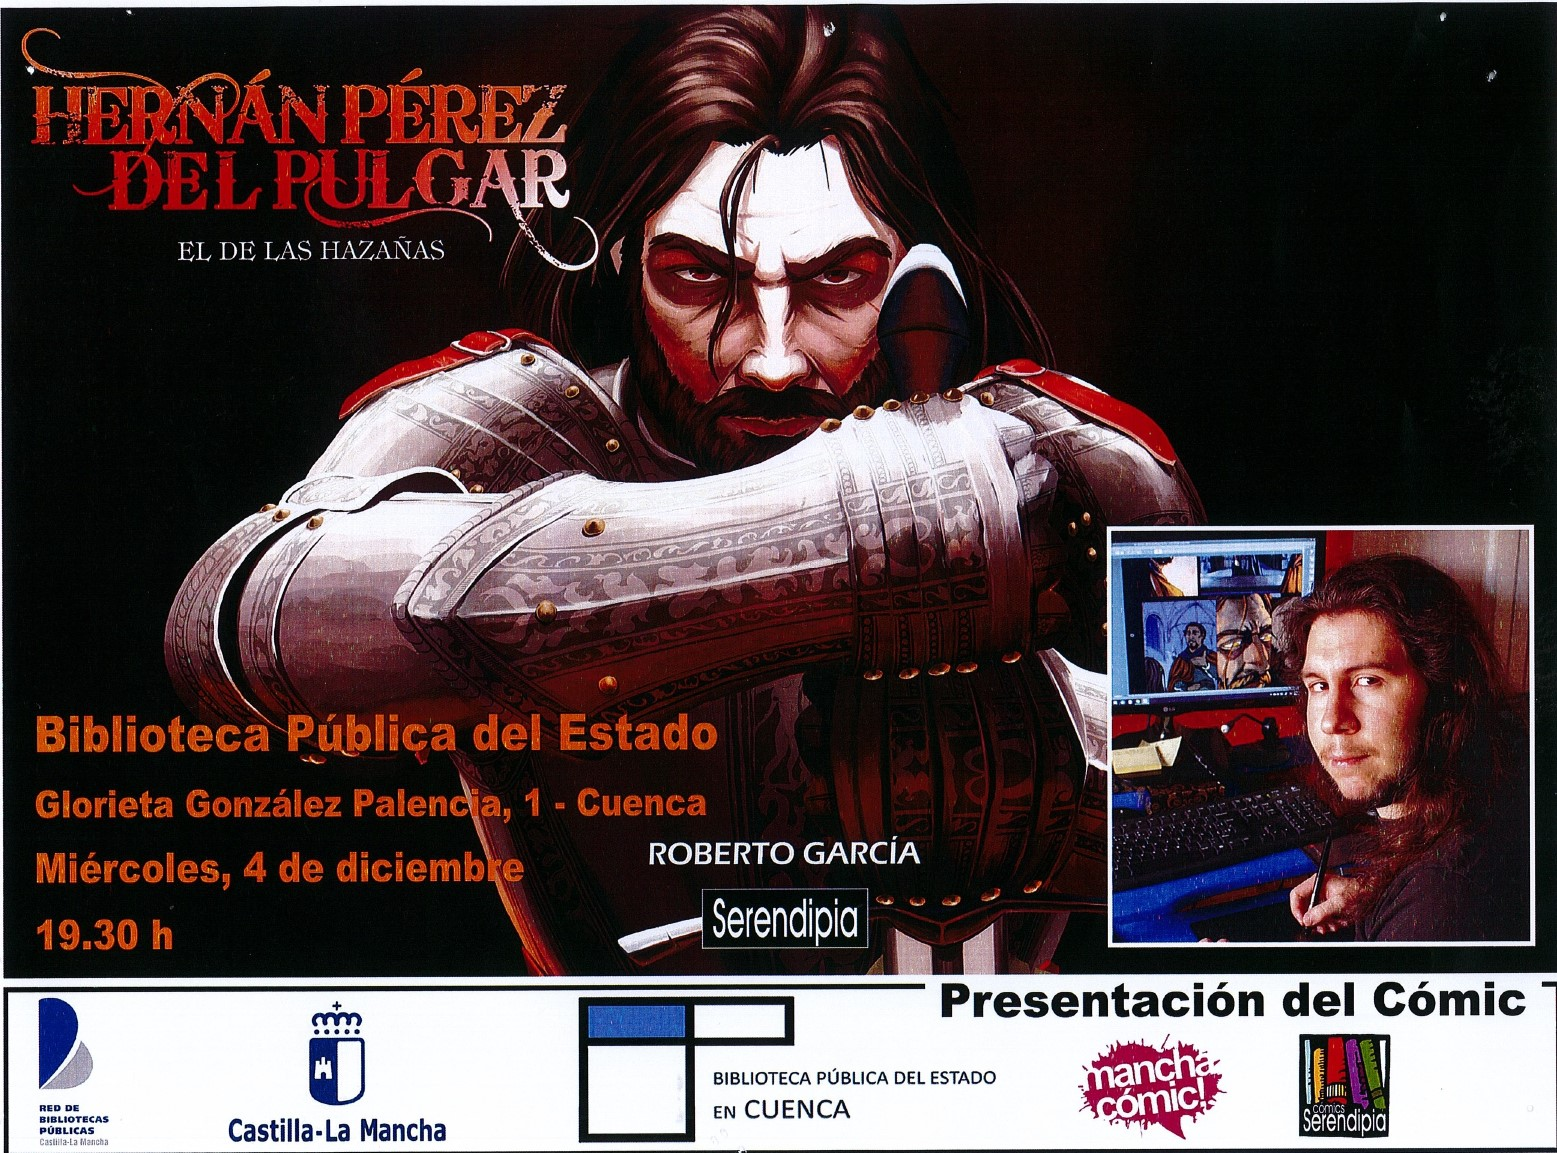 Imagen de la actividad Presentación del Cómic Hernán Pérez del Pulgar